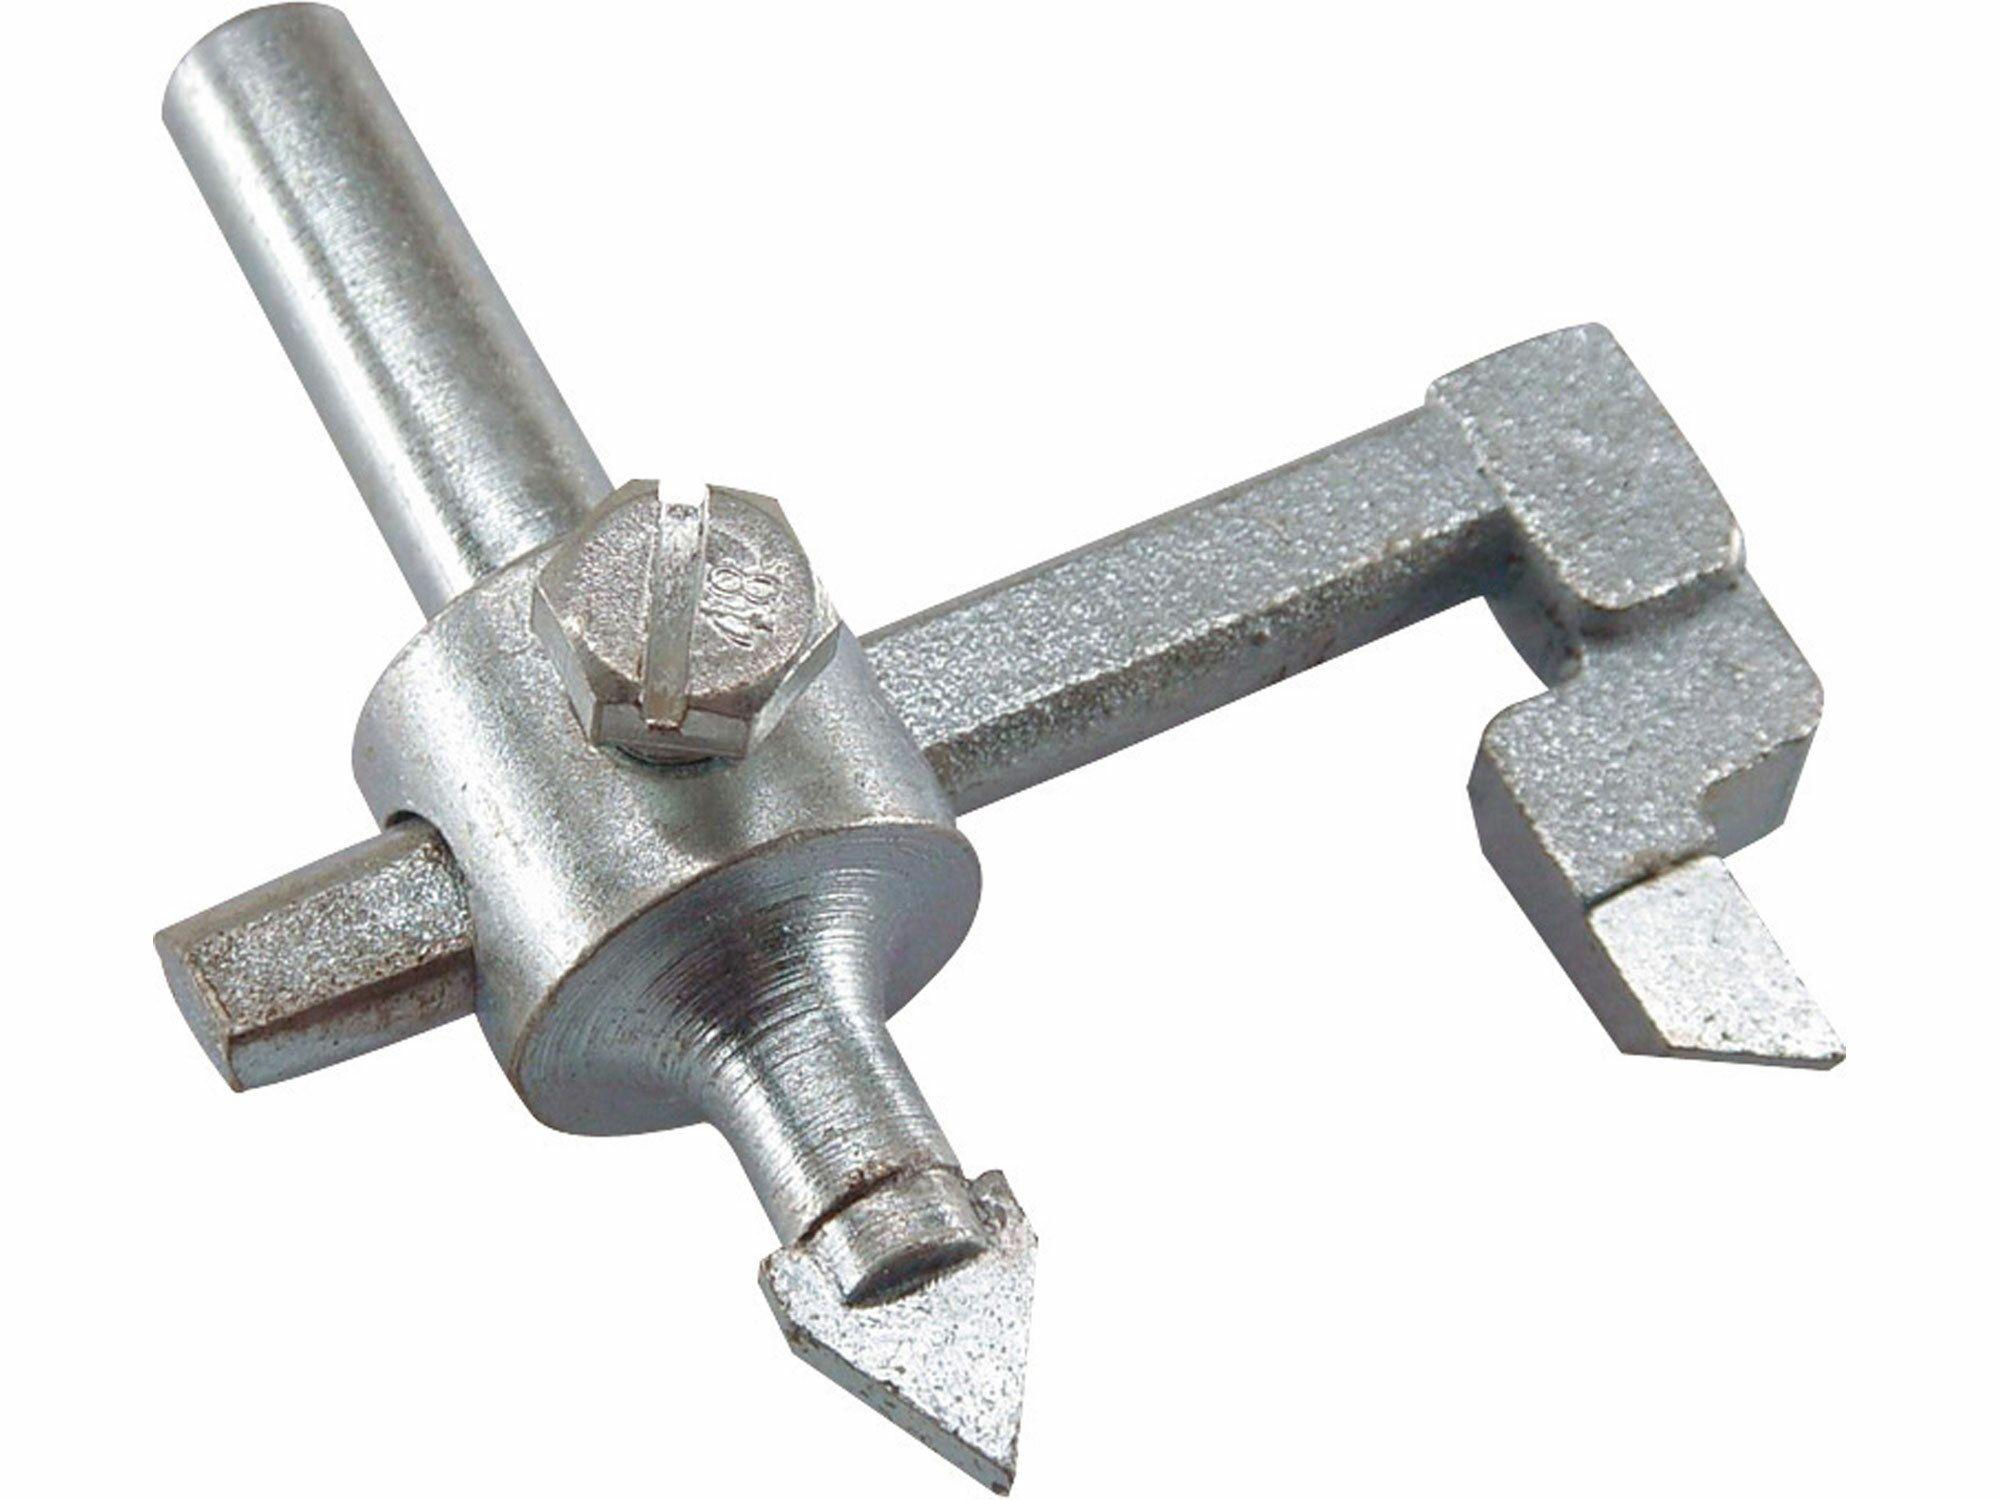 Řezač otvorů do kachliček, O 20-90mm, uchycení do vrtačky, EXTOL CRAFT